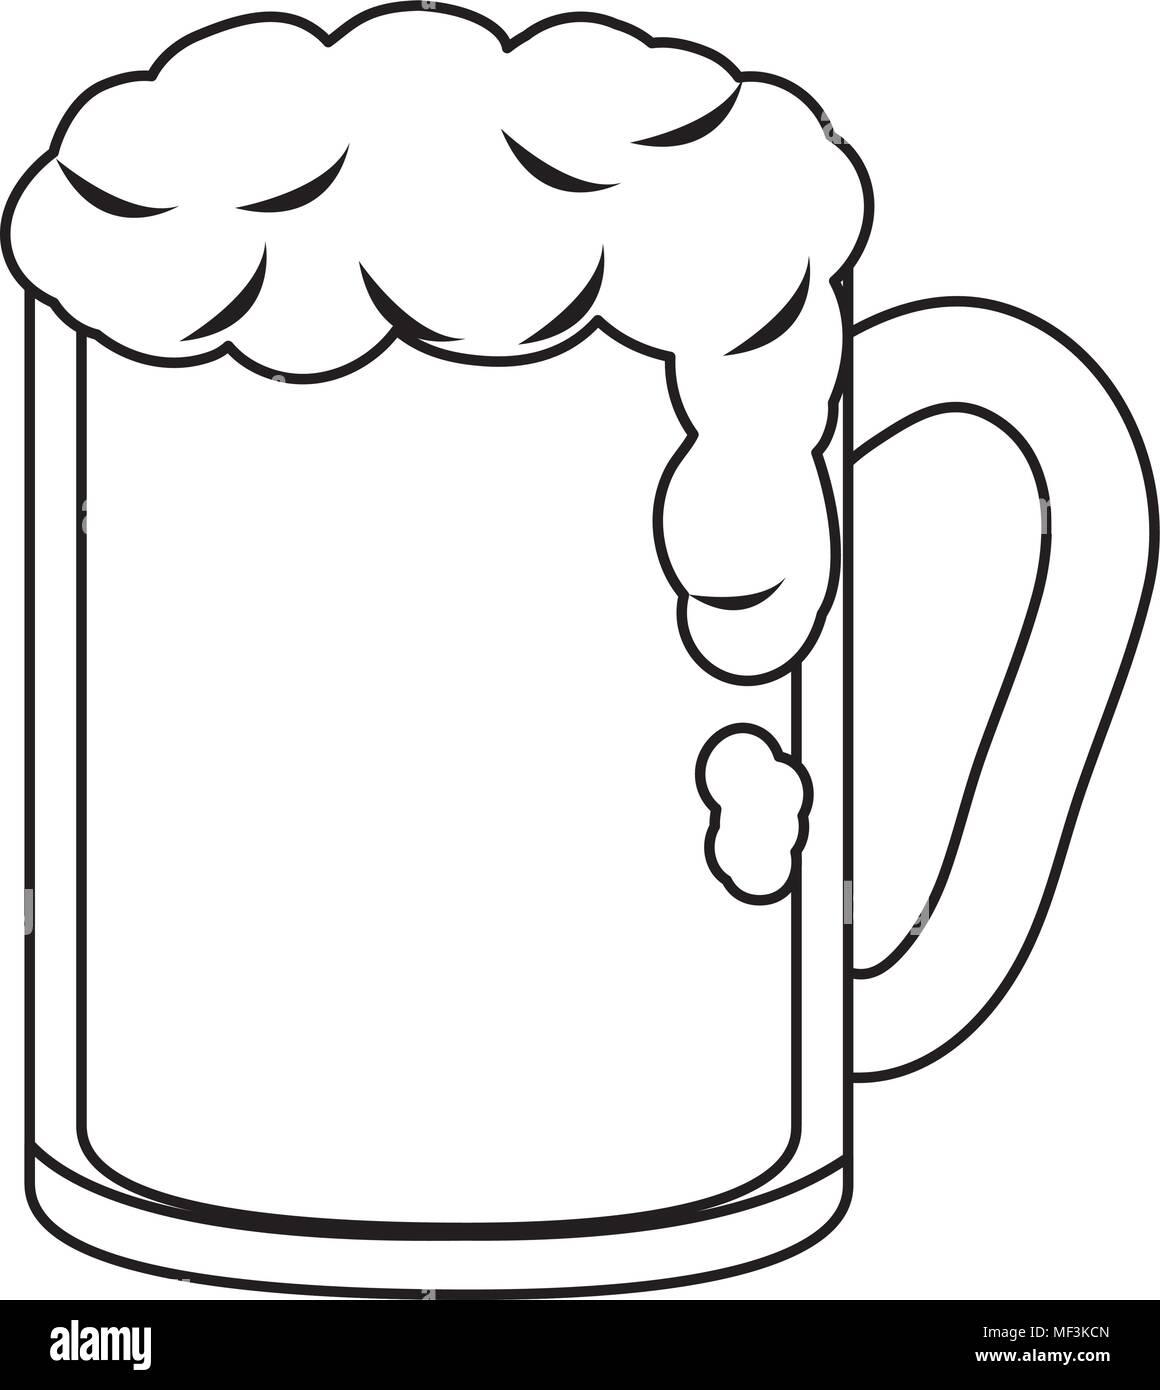 Línea Alcohol Cerveza En El Vaso Para Celebrar Eventos Ilustración